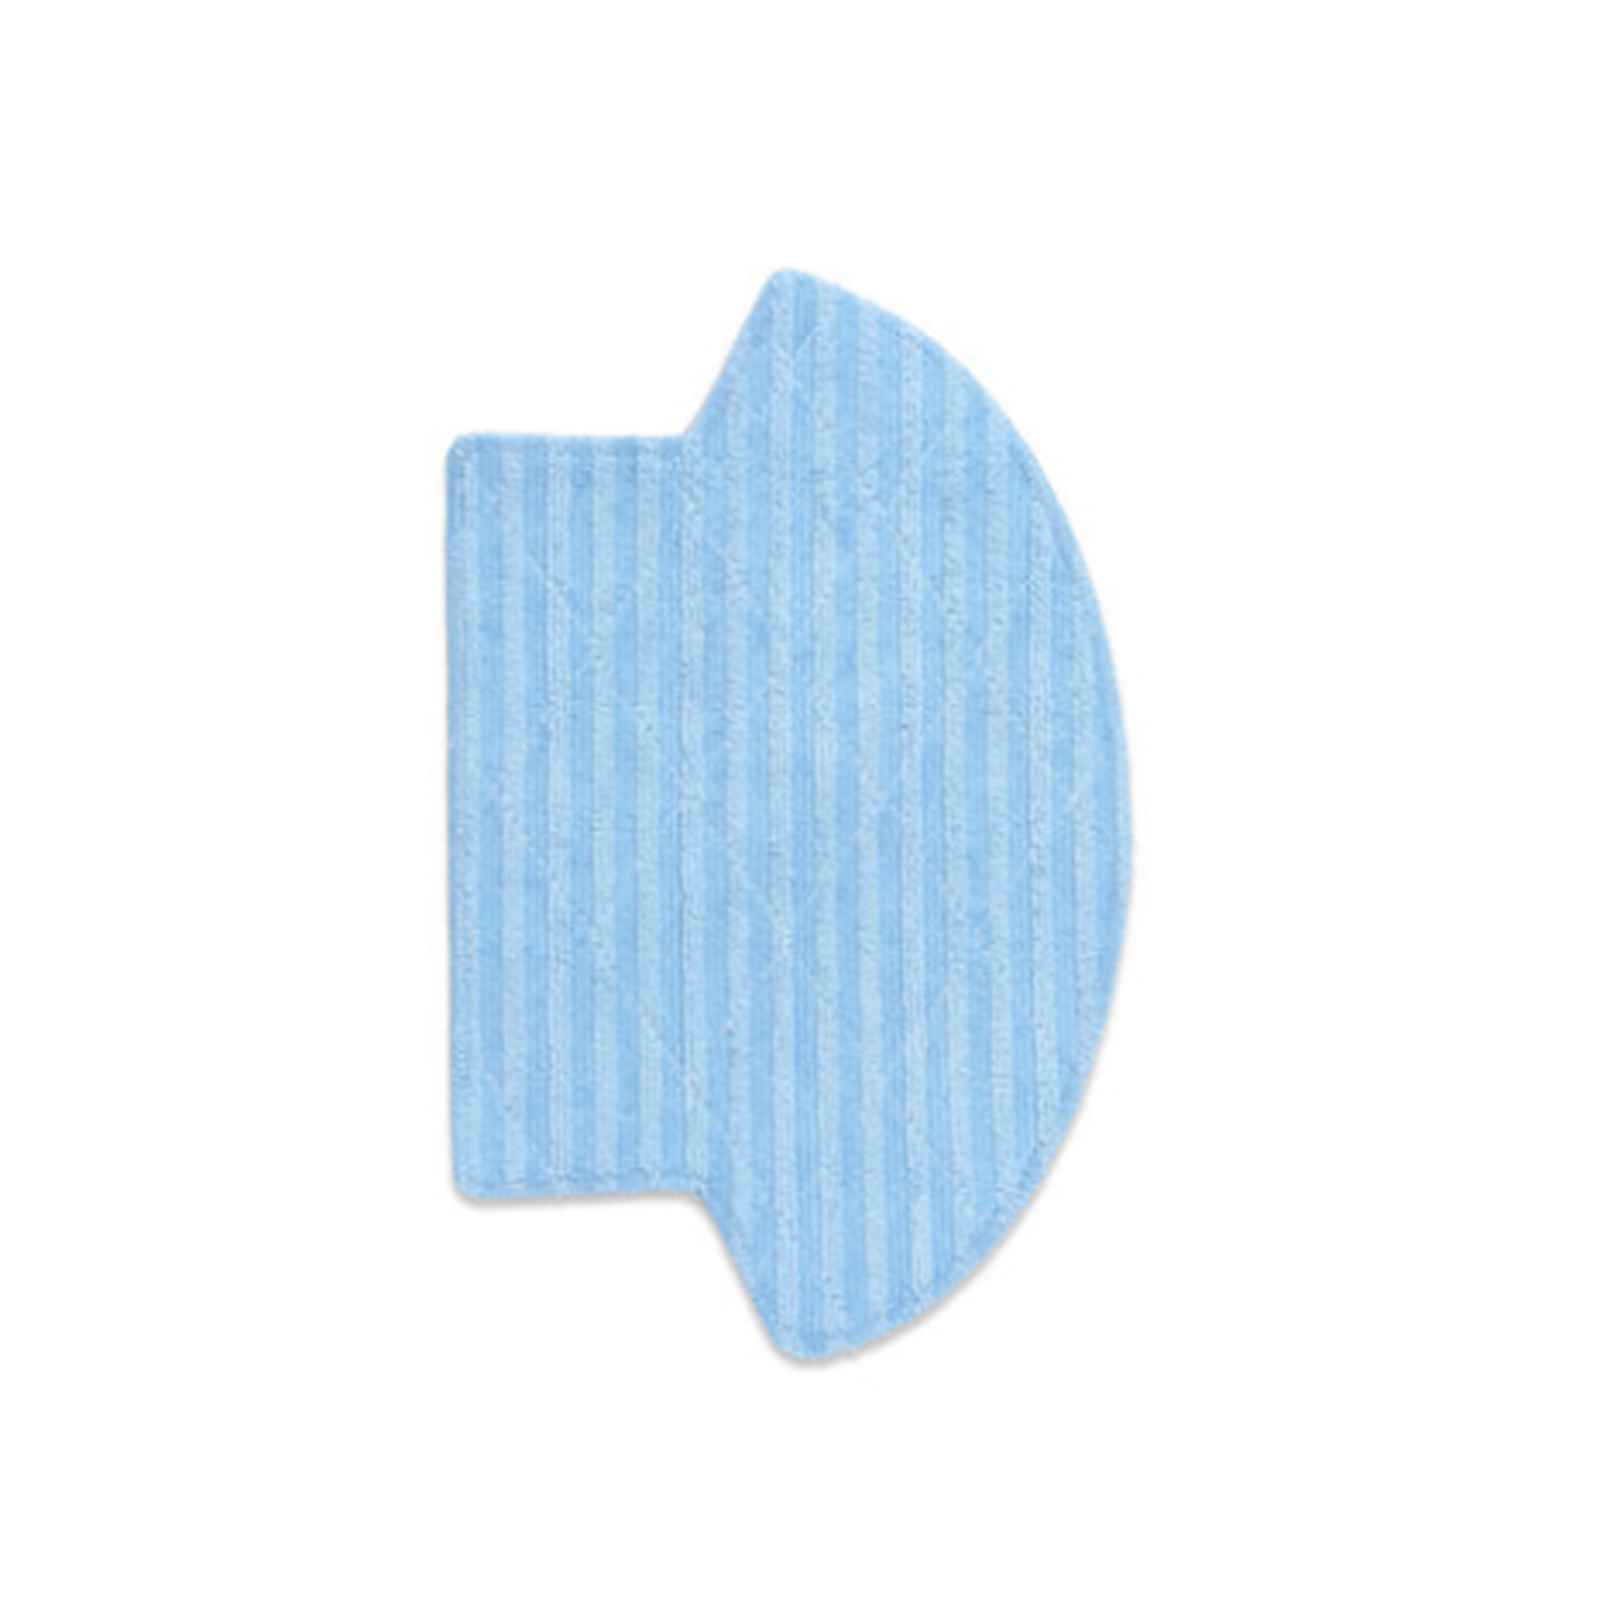 Für Liectroux/DH860 B6009 Kehren Roboter Zubehör Staubsauger Seite Pinsel Rolle Pinsel HEPA-Filter Duster Tuch für DH860